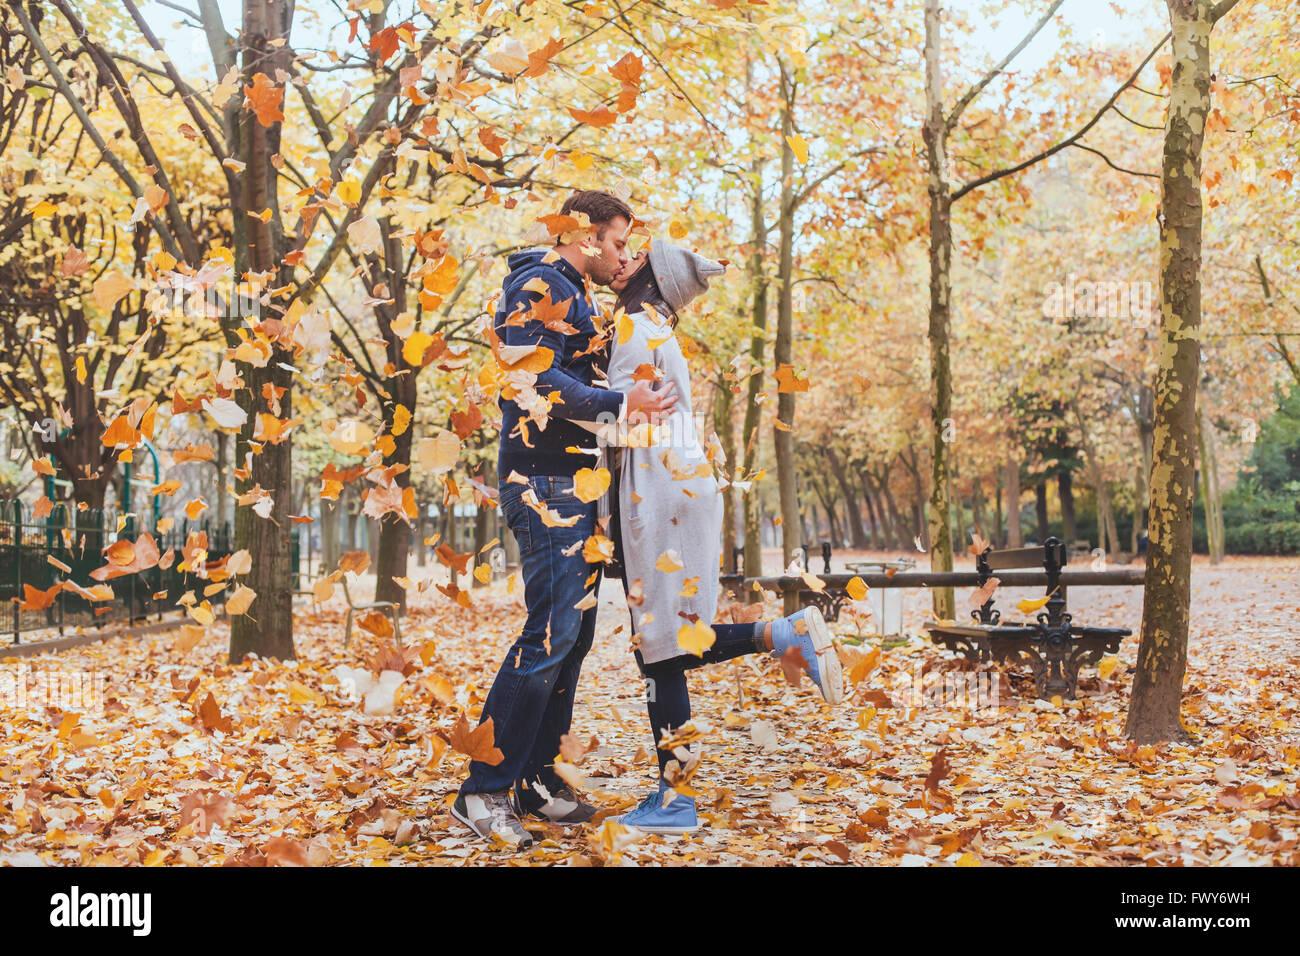 Autunno kiss, giovane coppia amorevole nel parco con foglie che cadono Immagini Stock